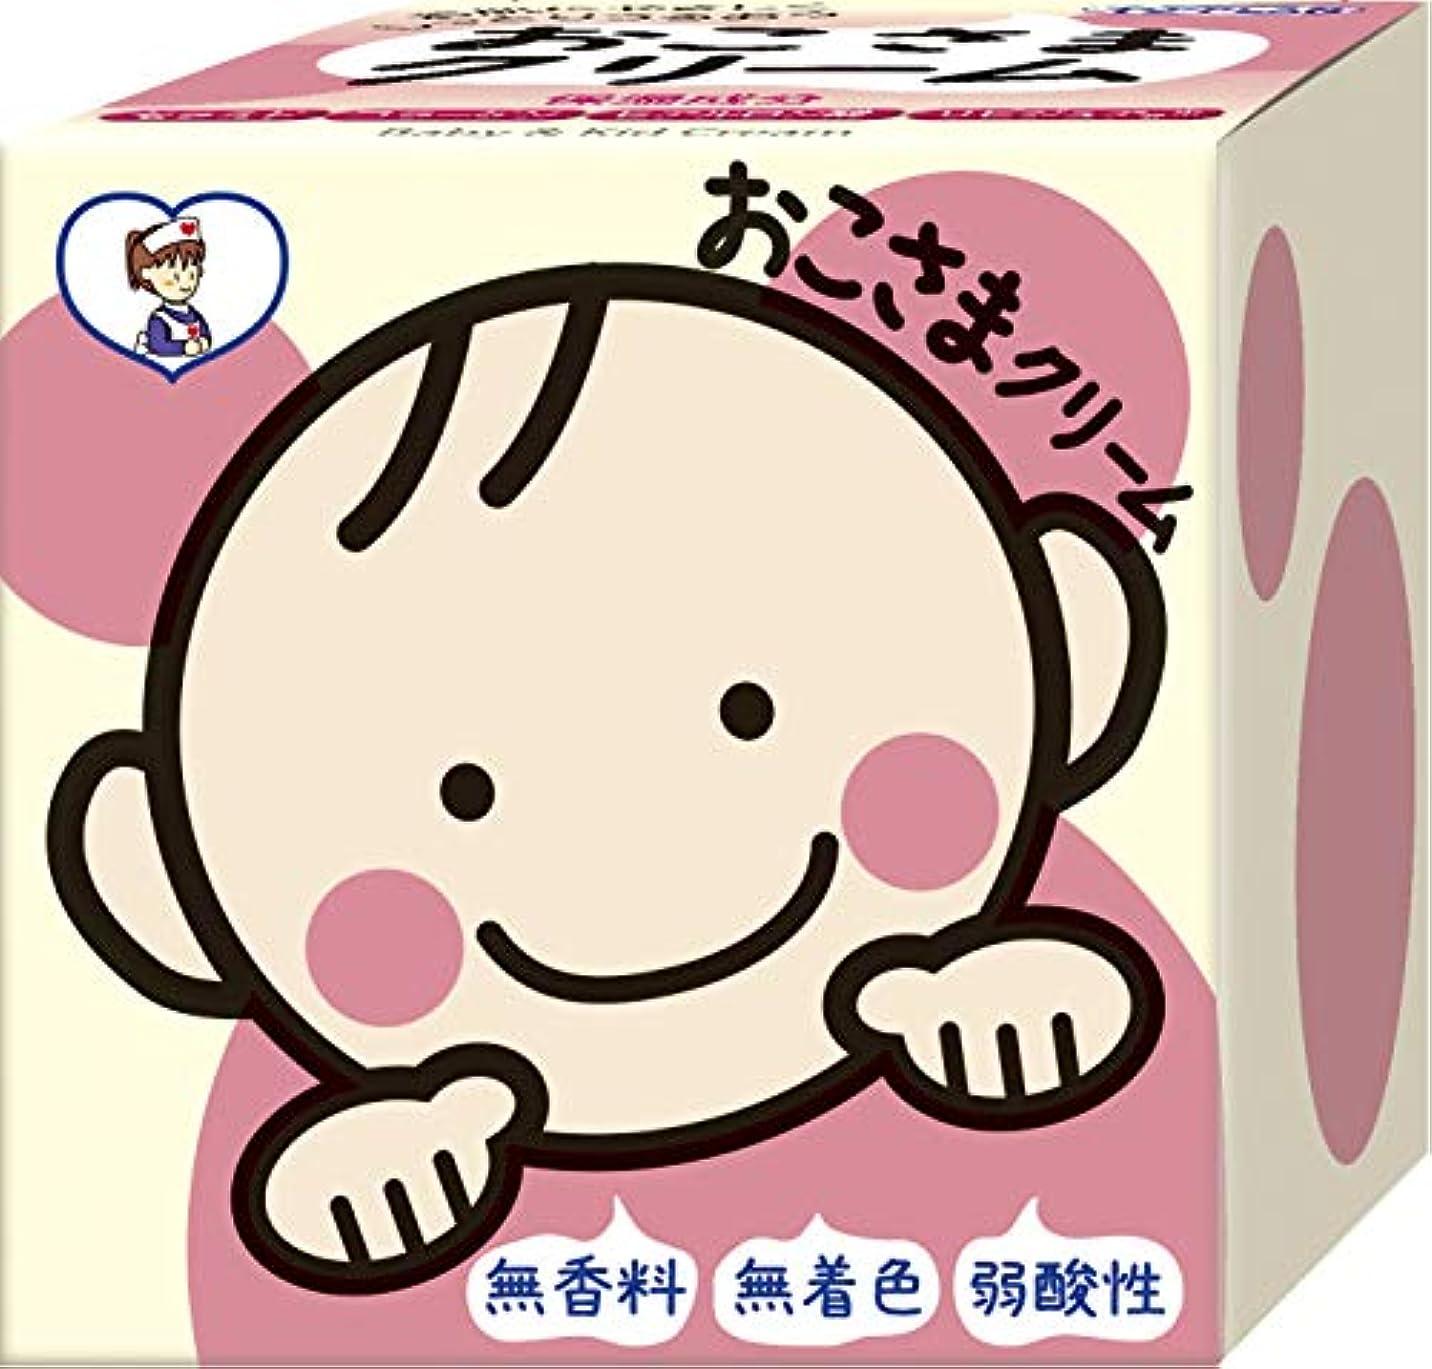 助言する必要としている恒久的TO-PLAN(トプラン) おこさまクリーム110g 無着色 無香料 低刺激クリーム